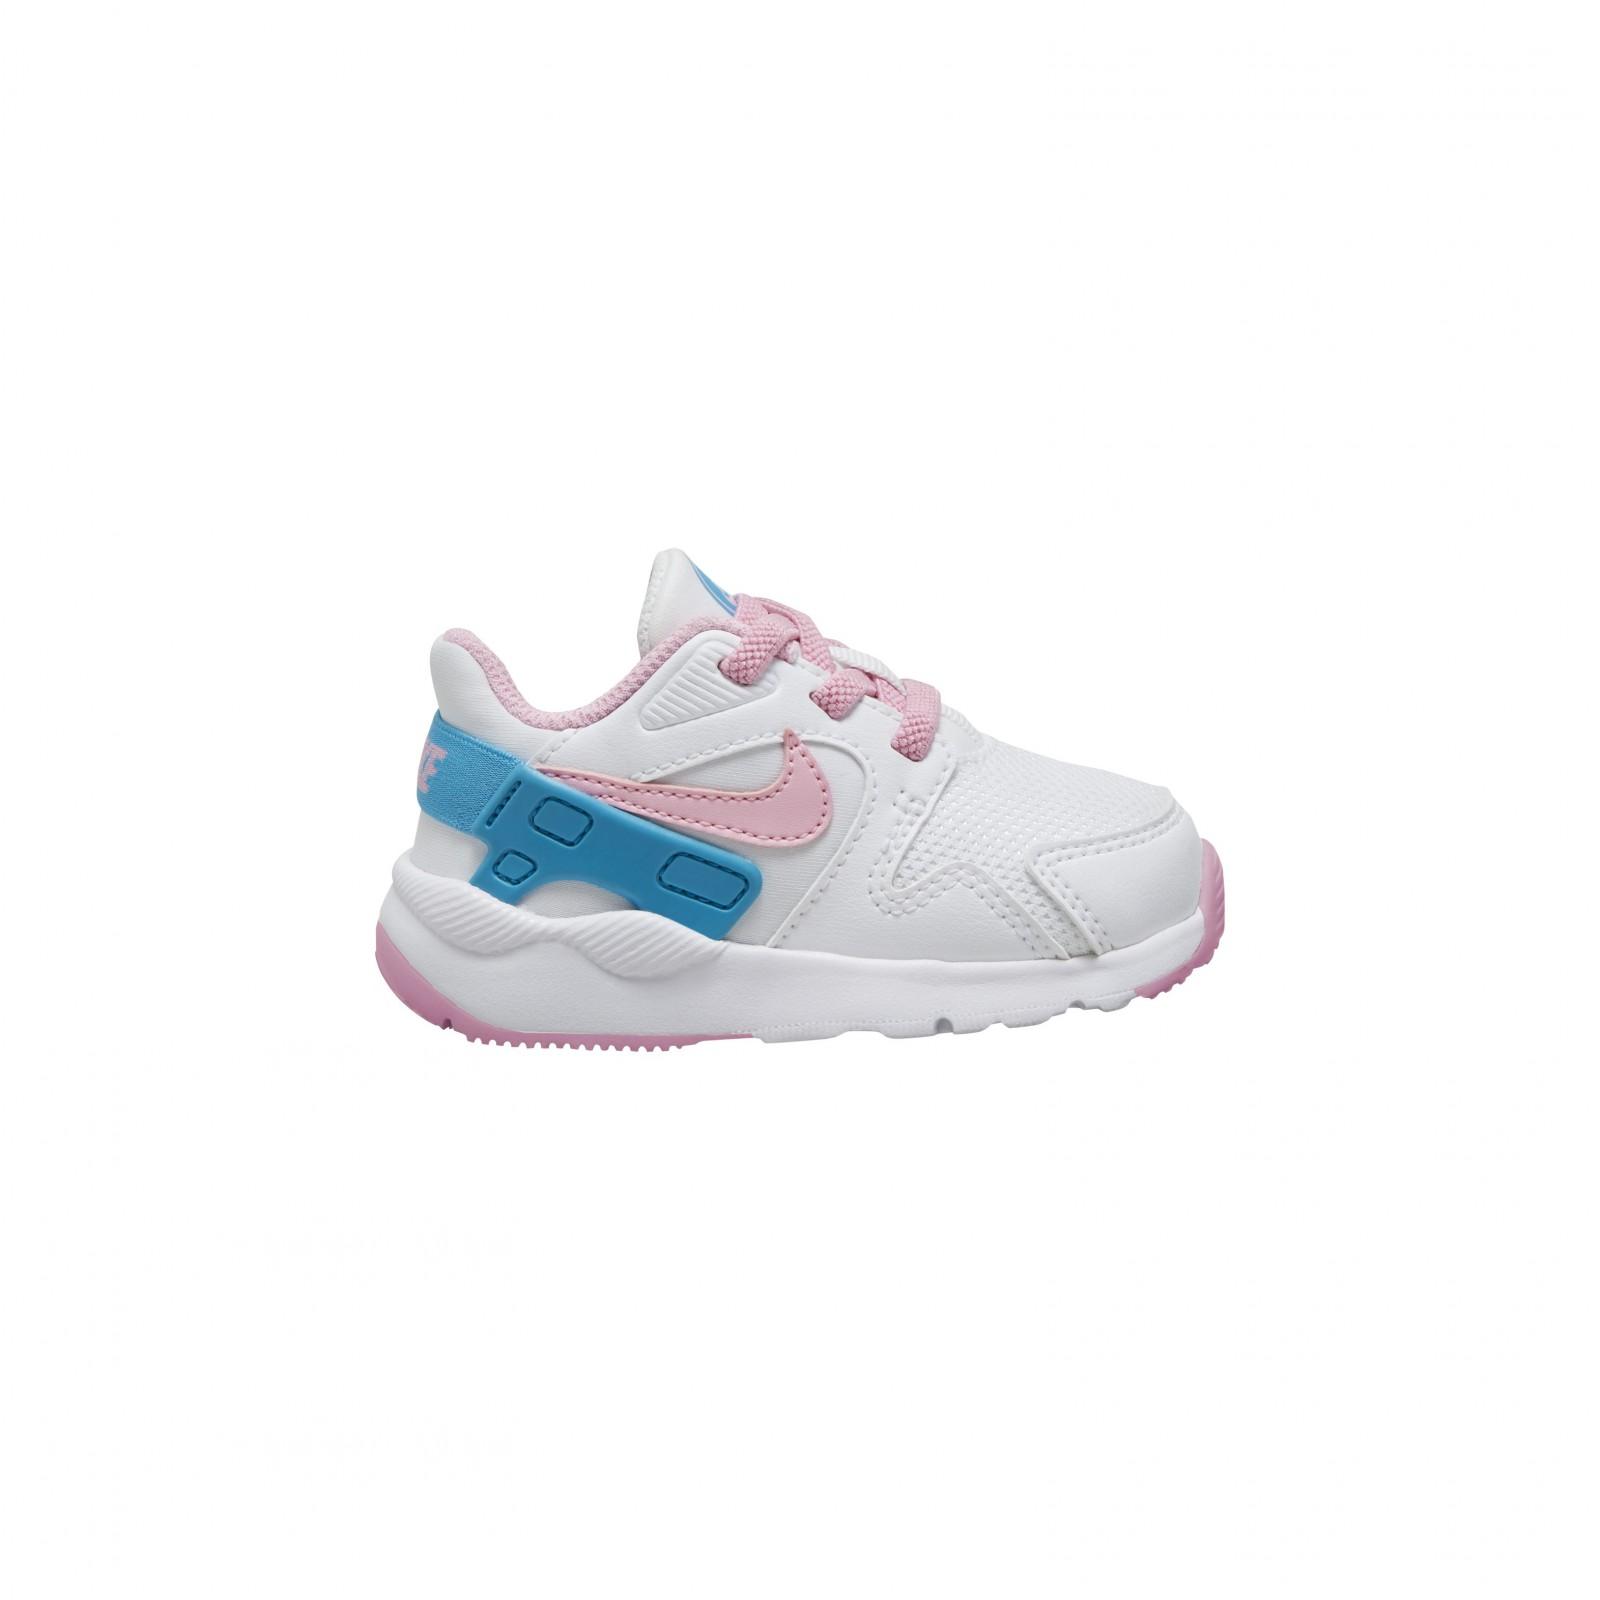 Nike ld victory (tde) WHITE/PINK-LASER BLUE